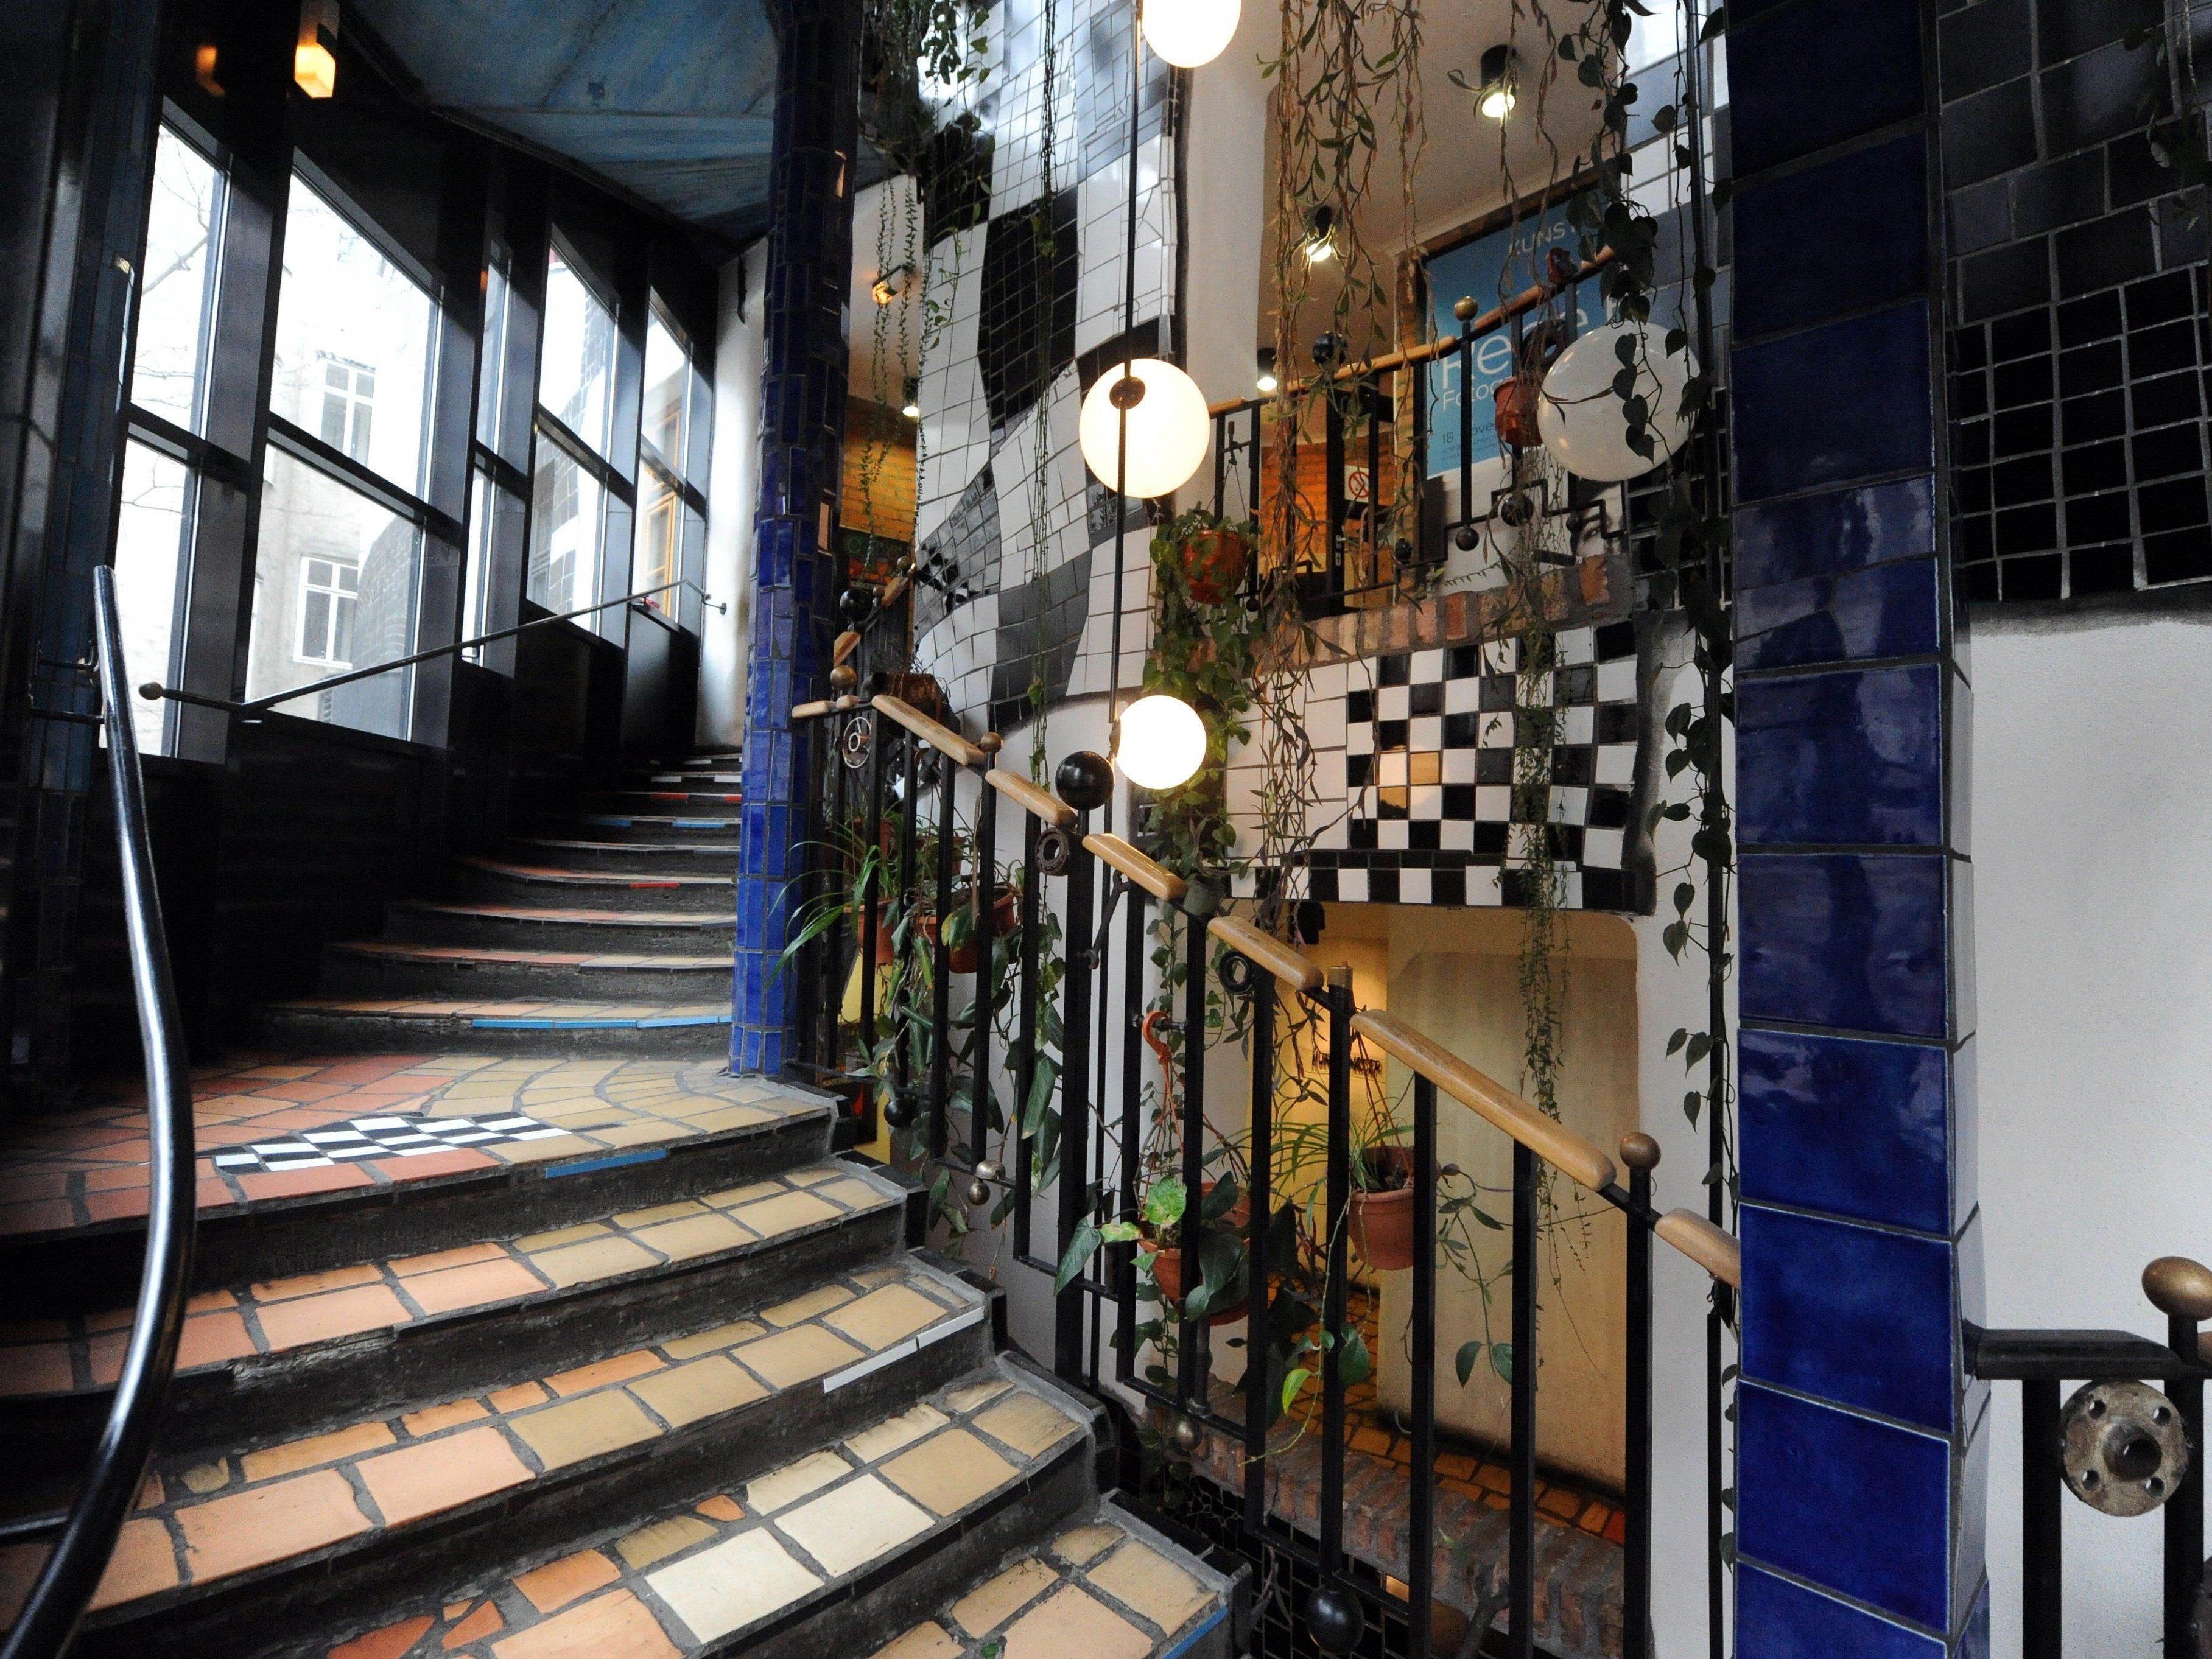 Das Hundertwasser-Werk wird in Zukunft im KunstHausWien ausgestellt.